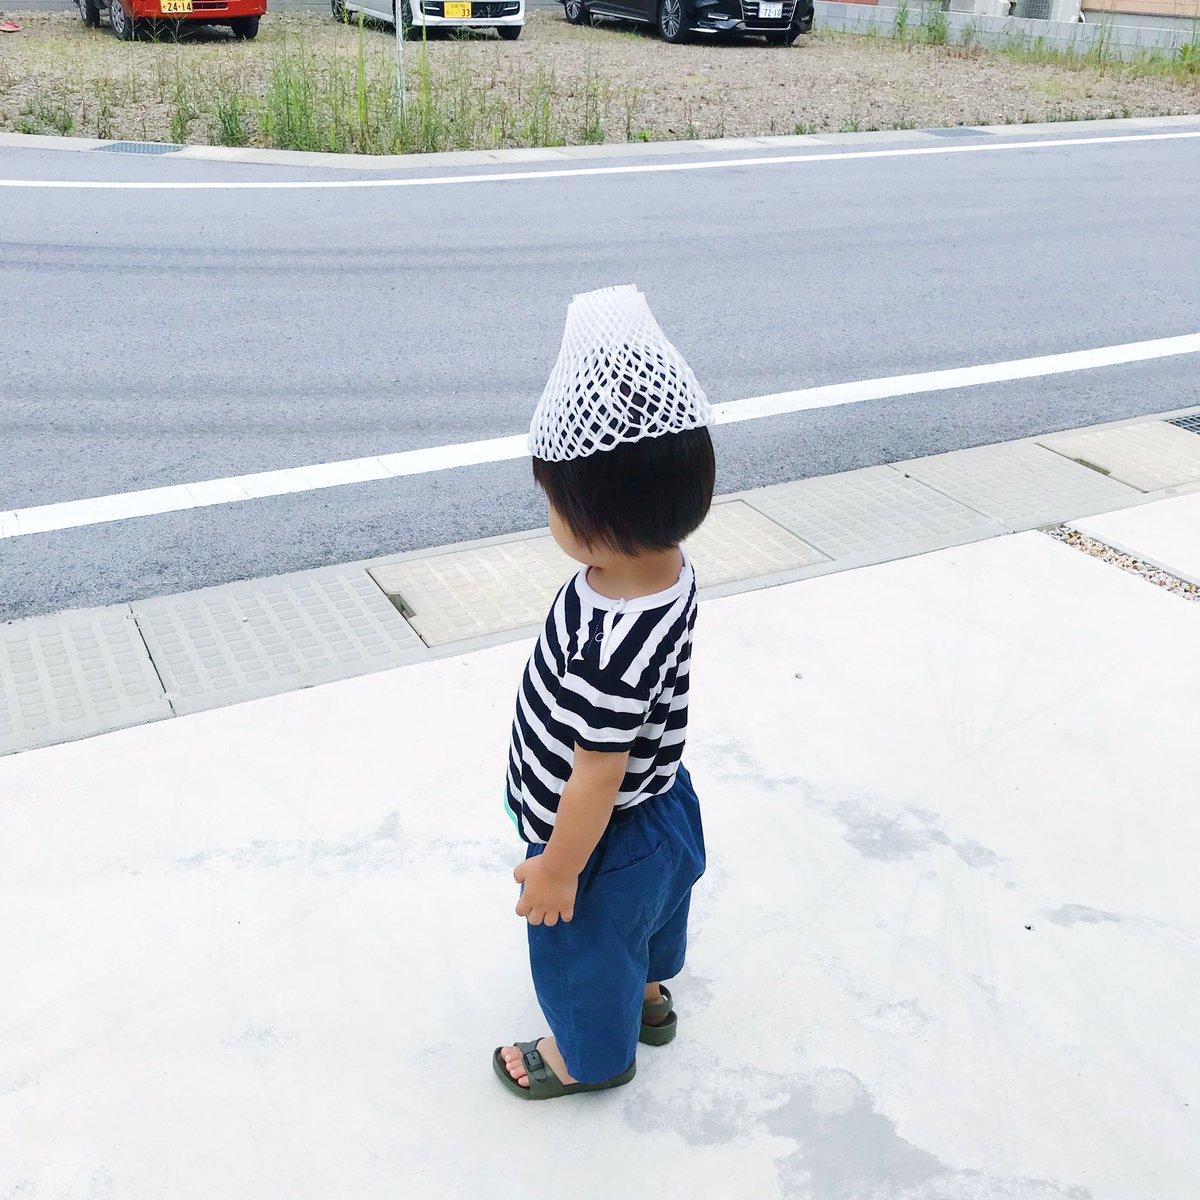 吉本ユータヌキさんの投稿画像